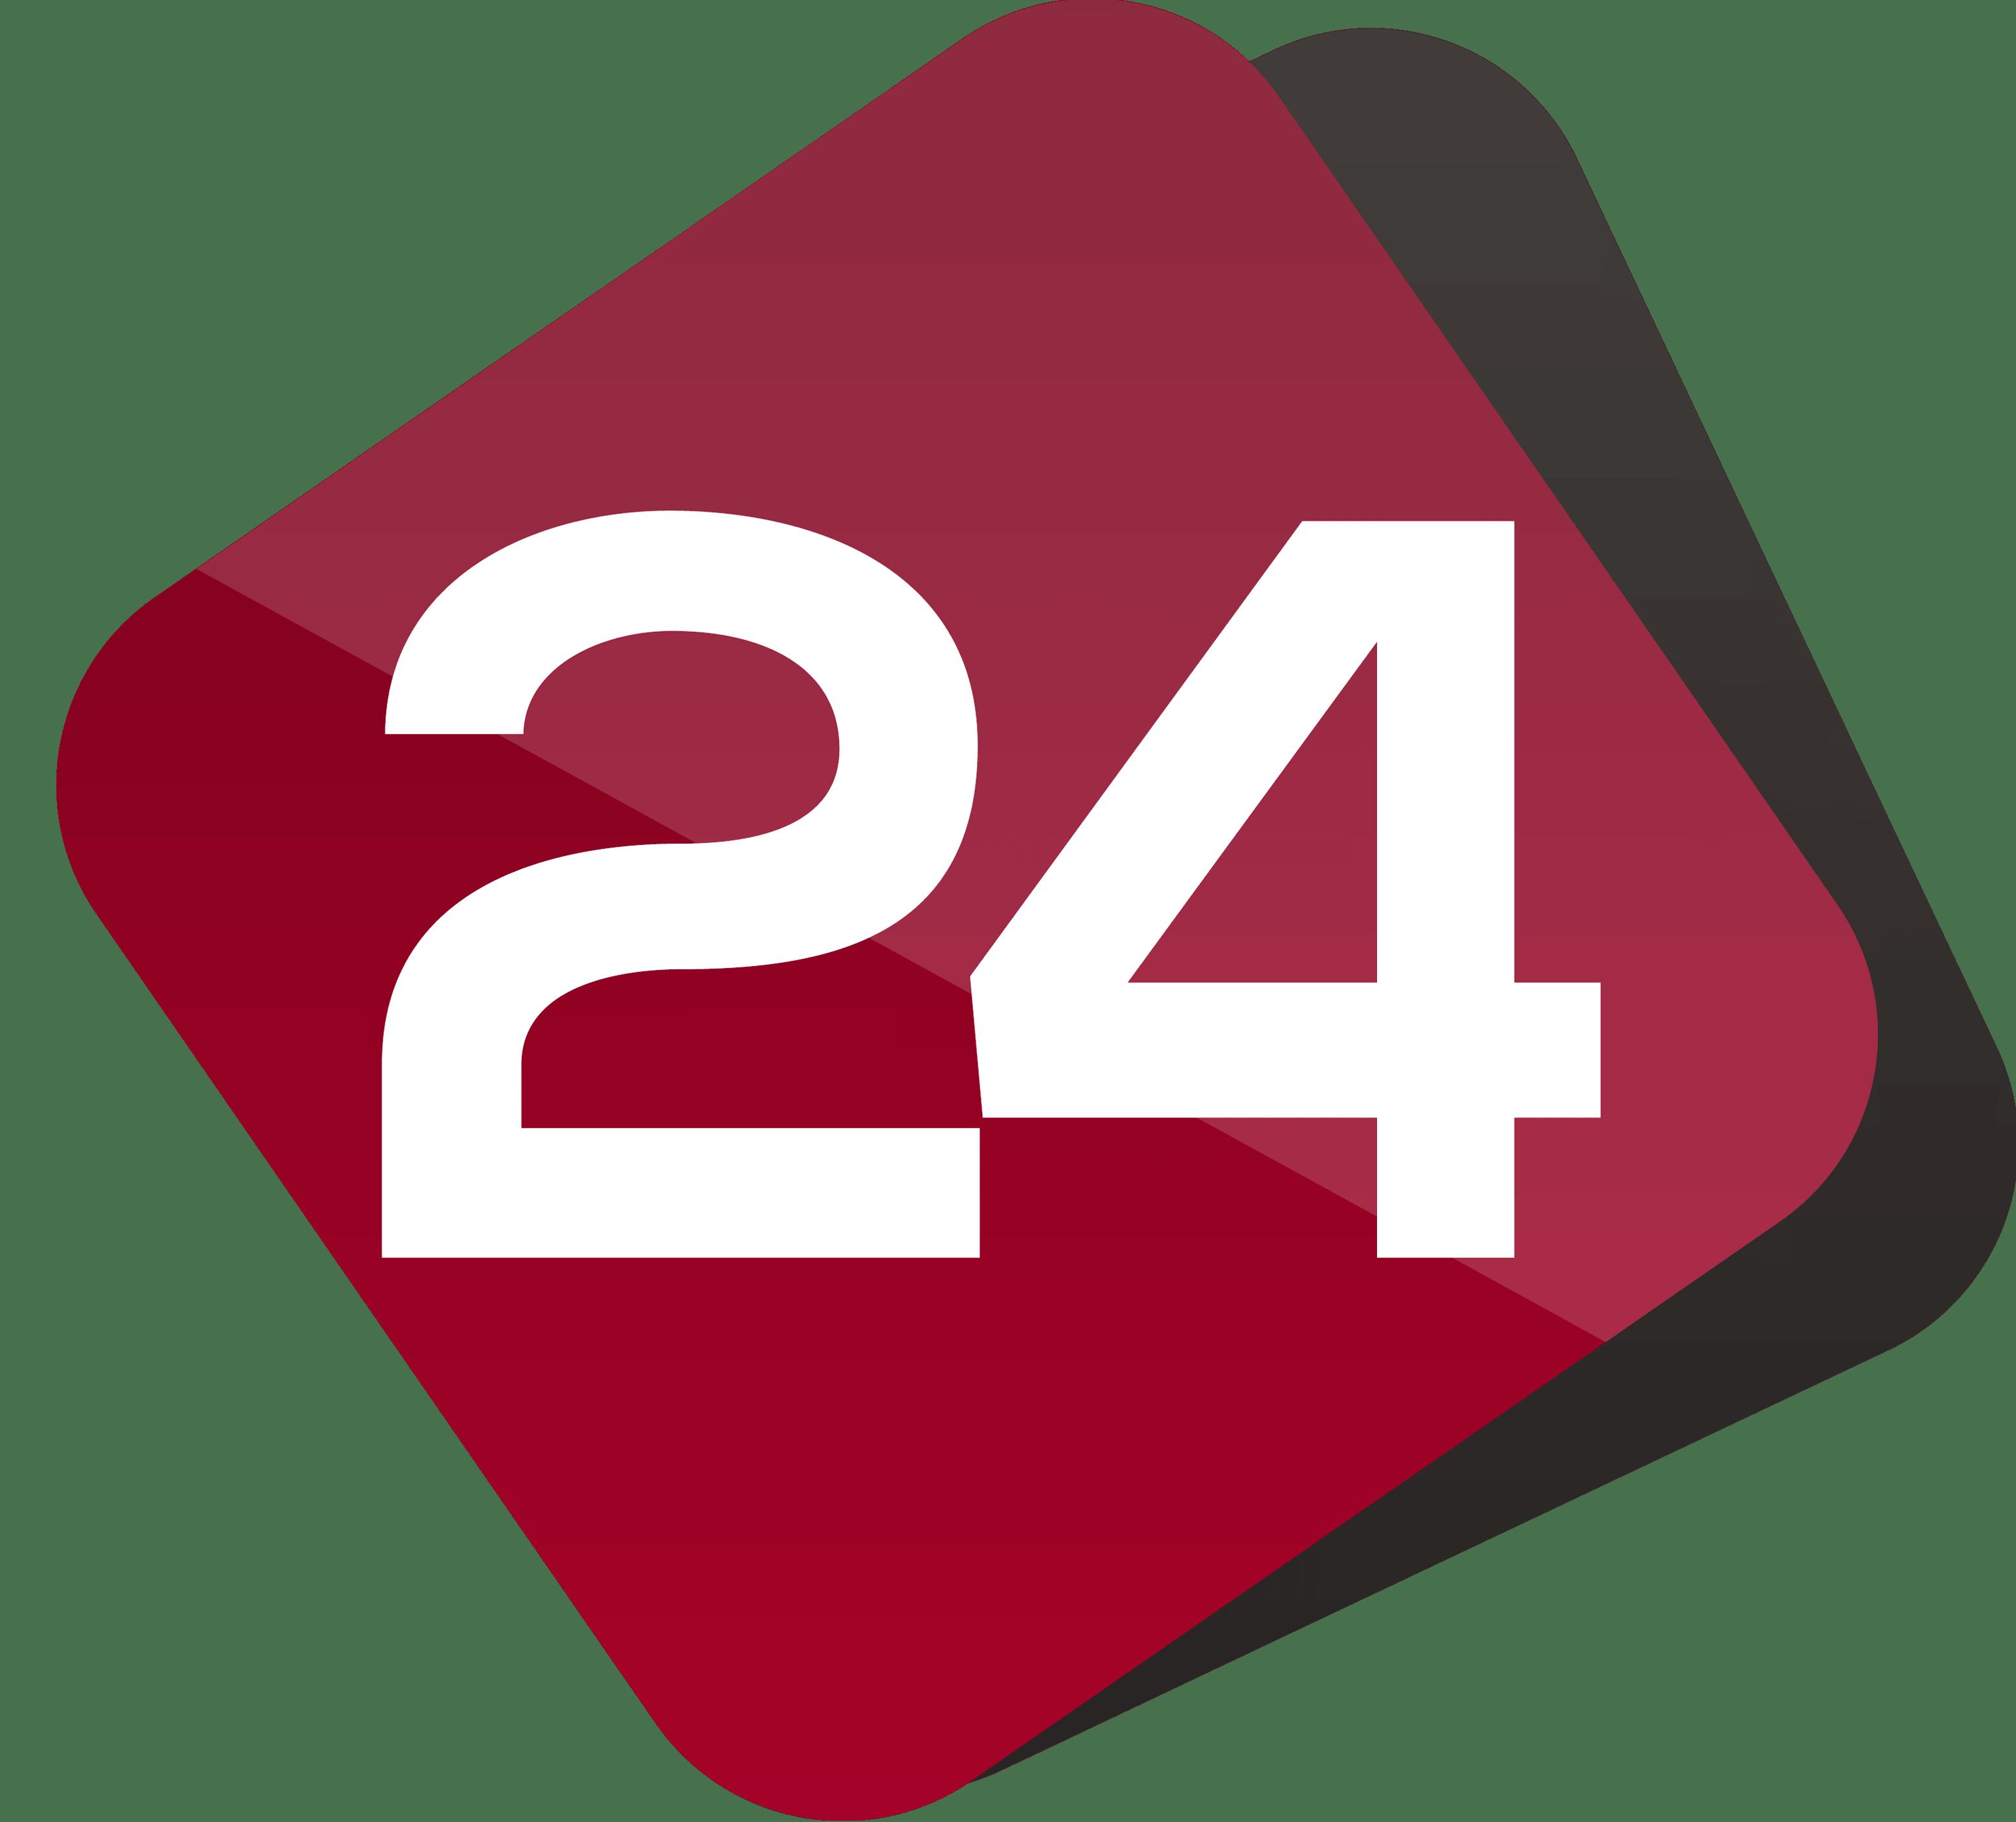 یودمی ۲۴